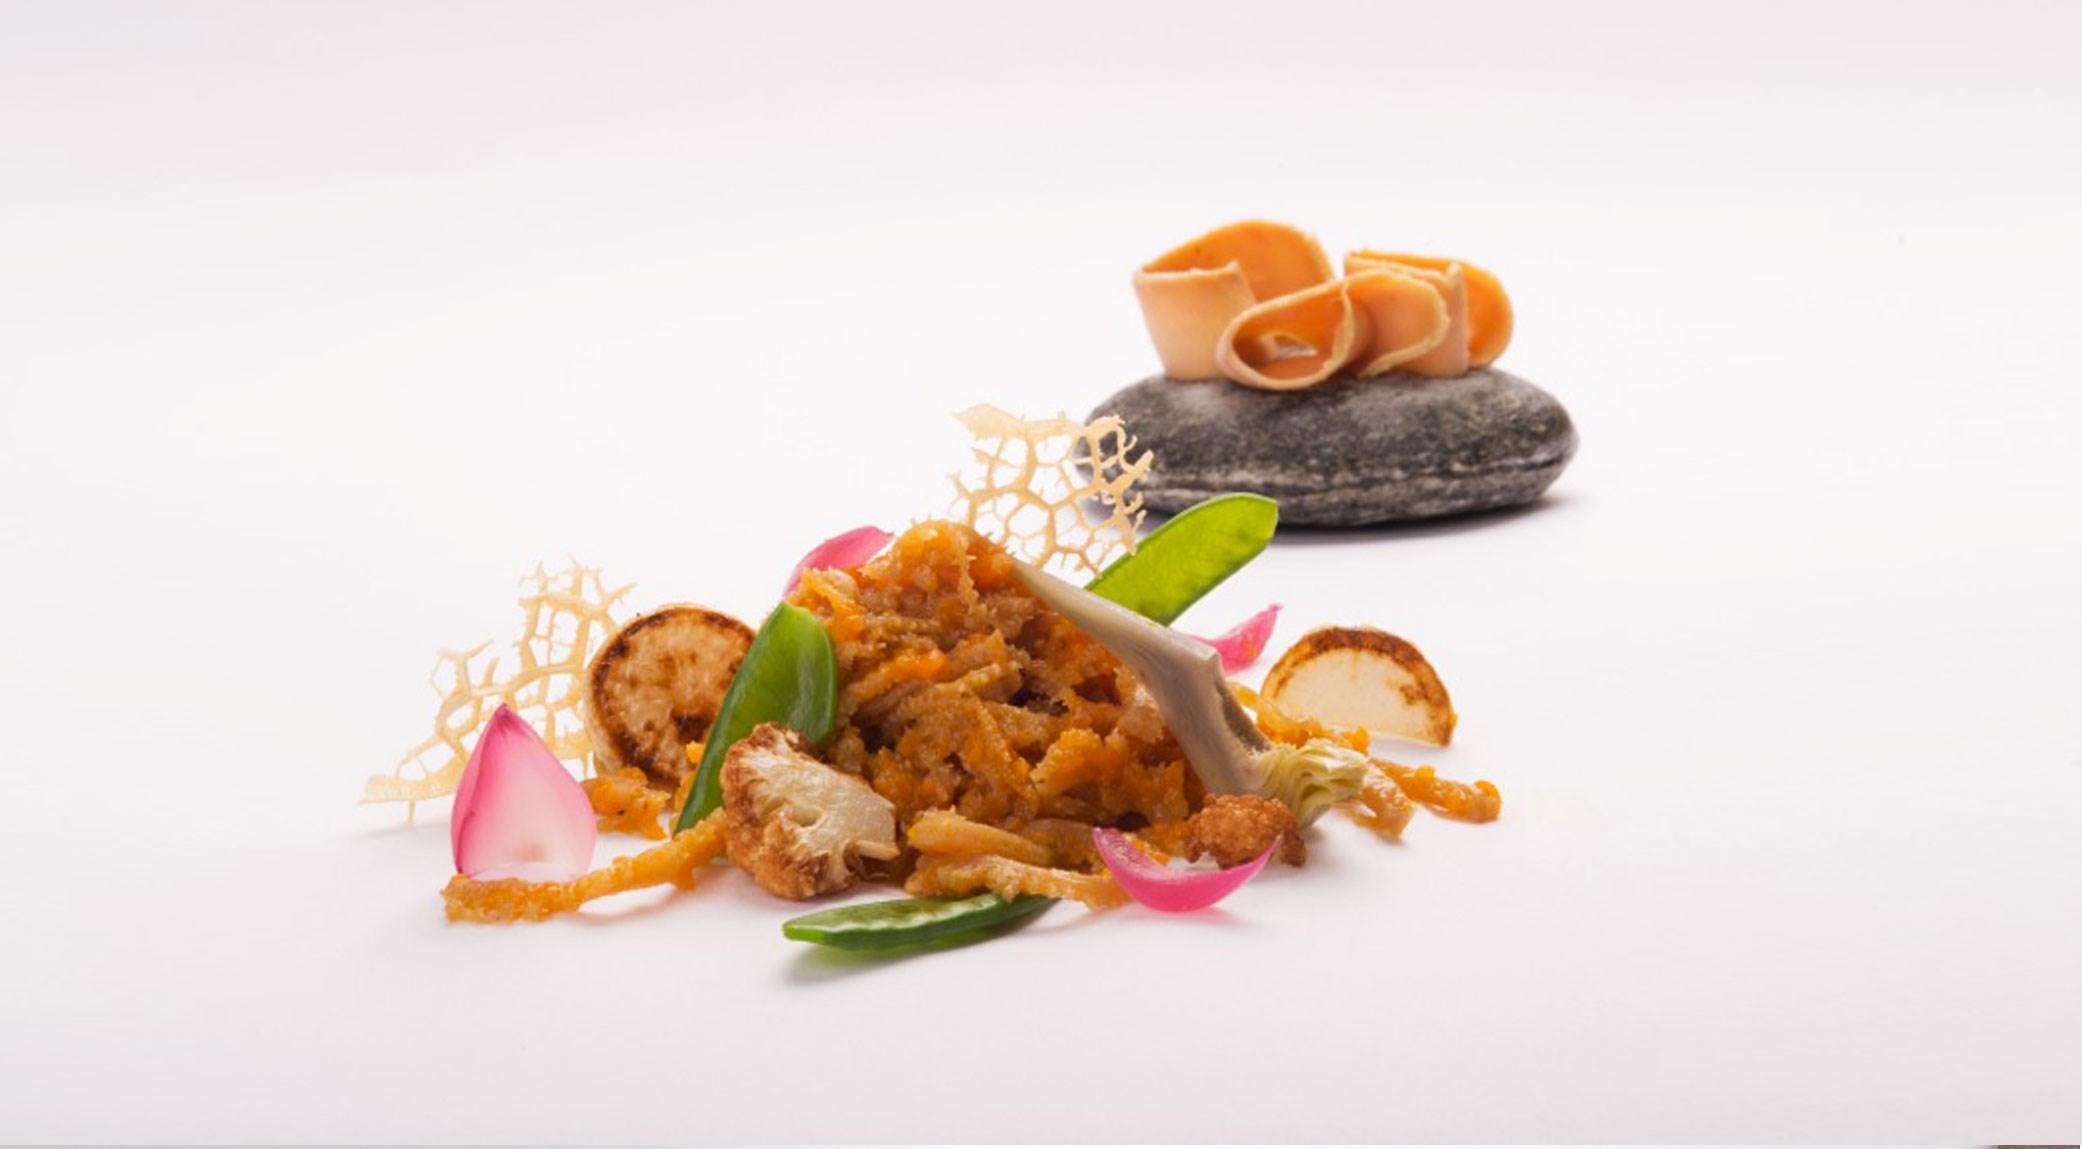 italy-spyc-dish